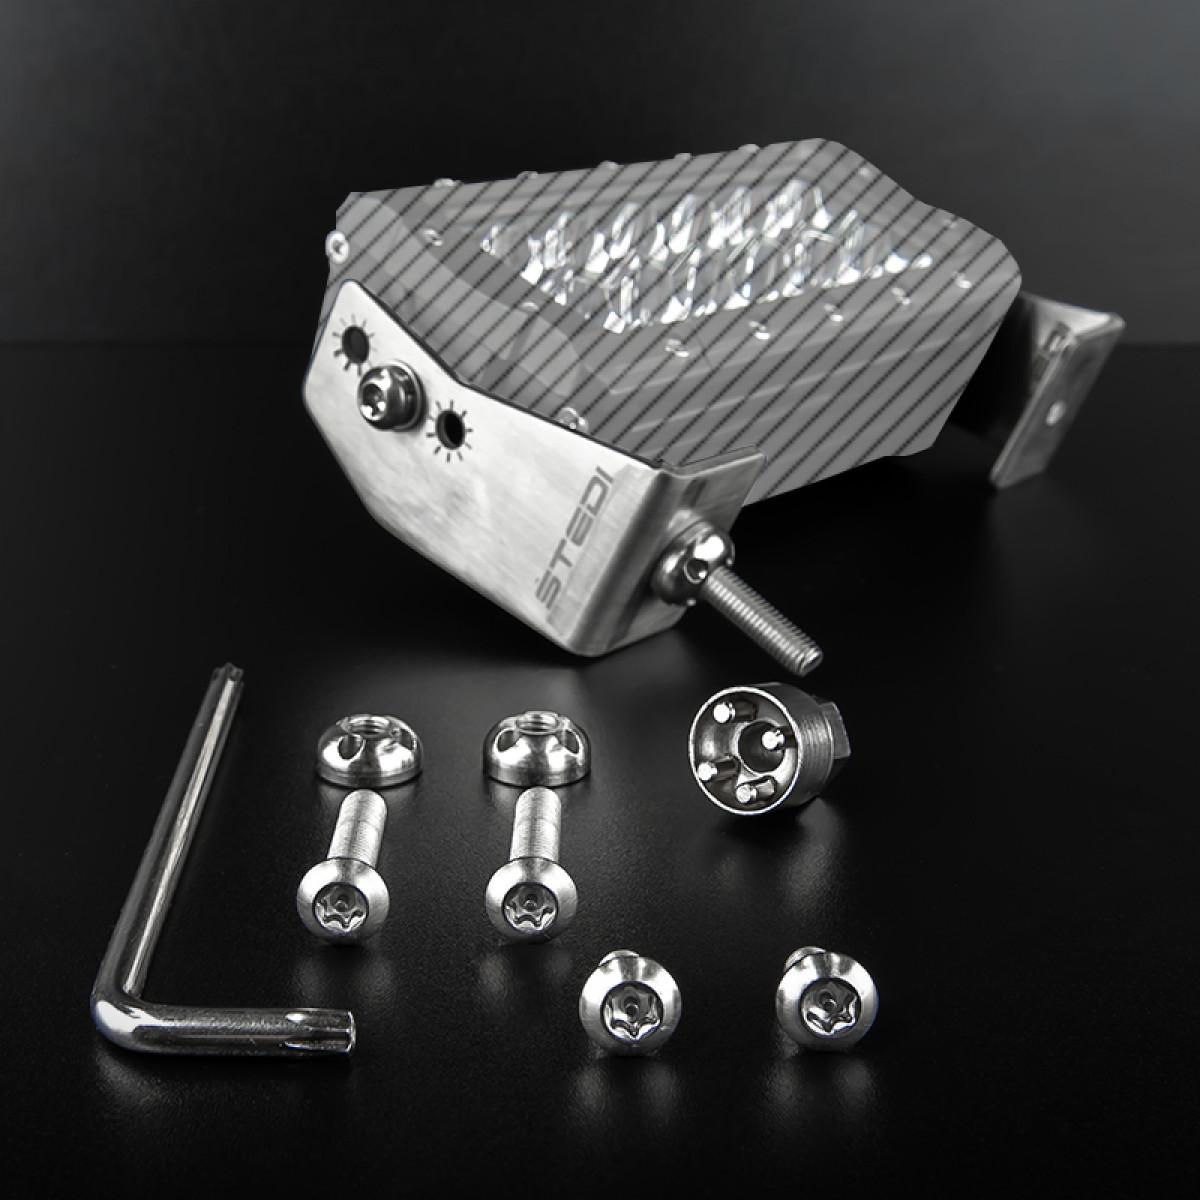 ANTI THEFT KIT FOR THE ST4K & ST3301 LED LIGHT BAR – SIDE BRACKET